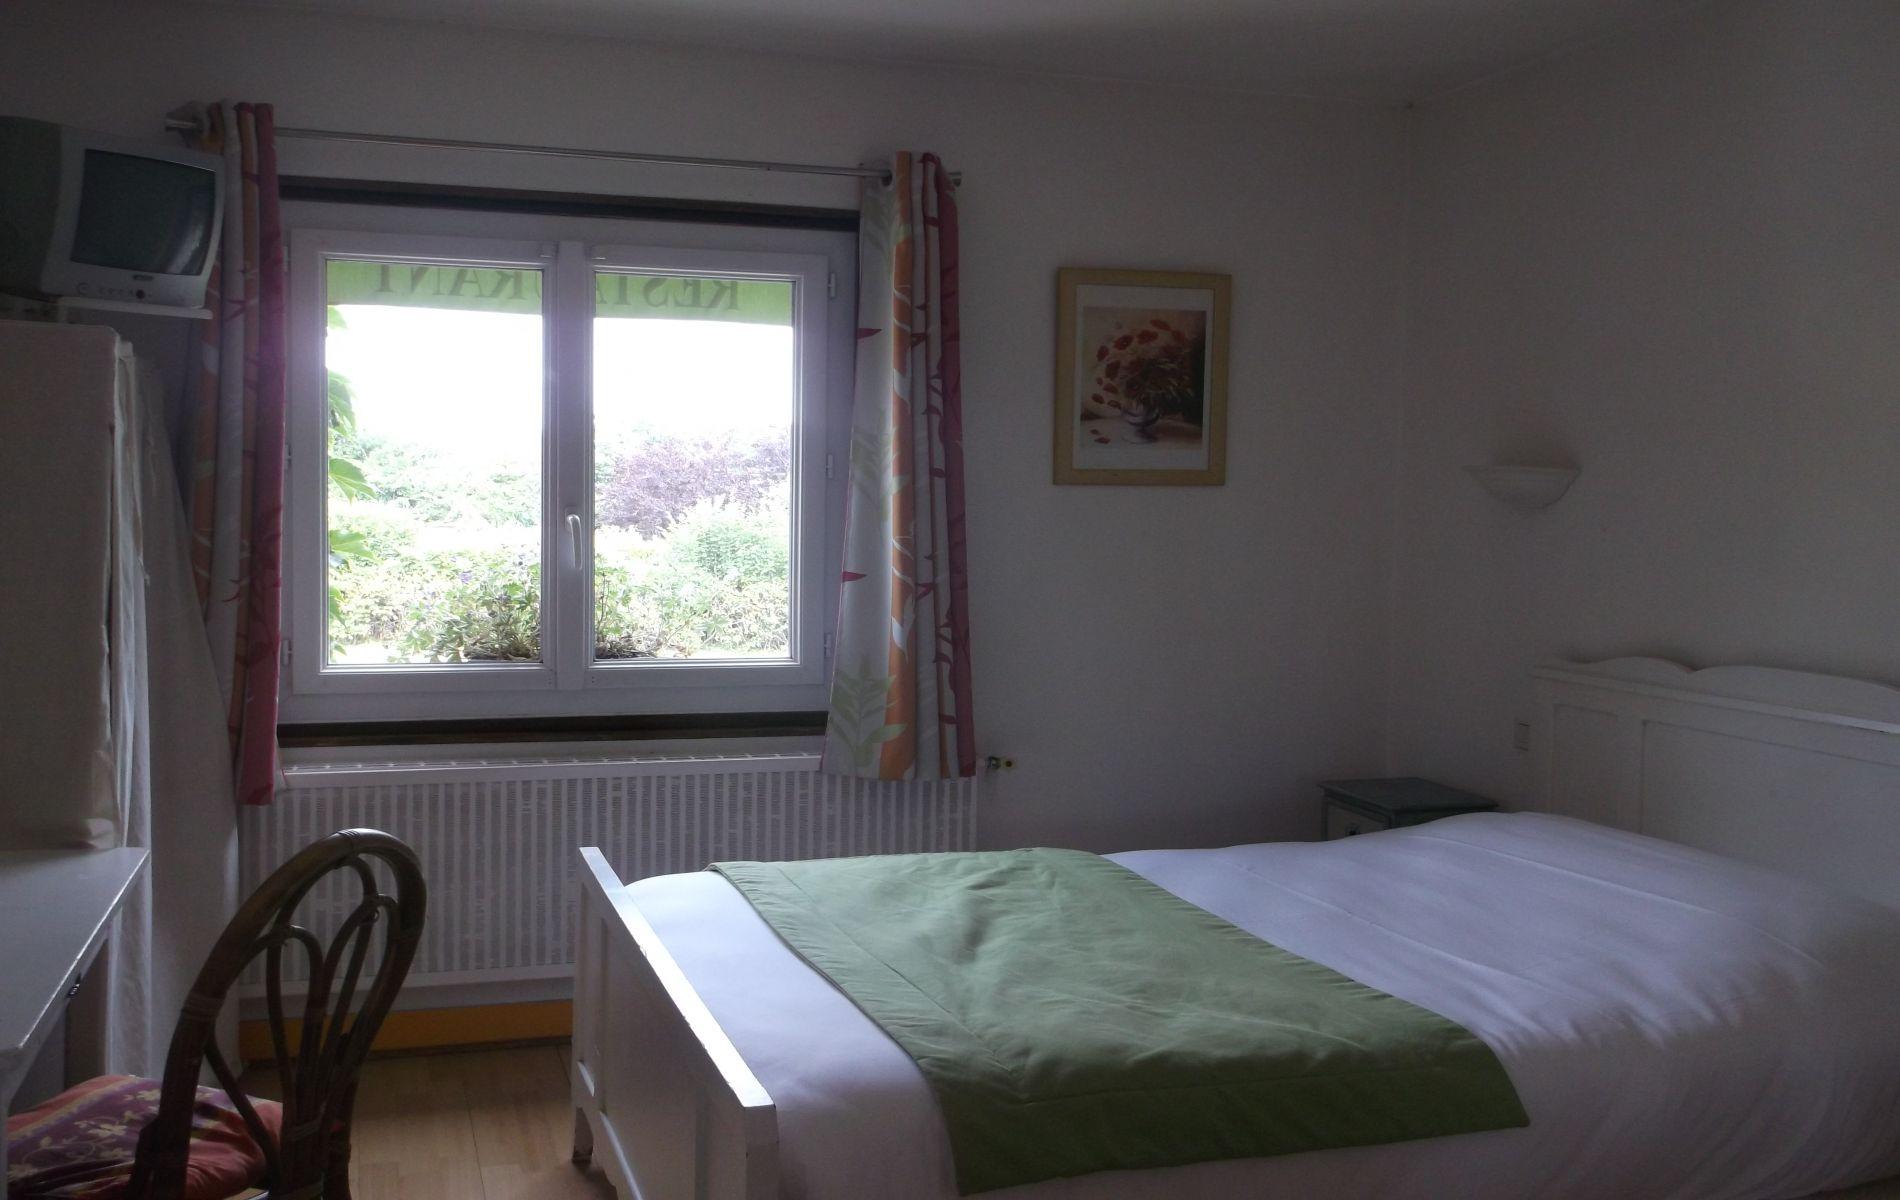 Auberge saint martin - Hotel en Normandie